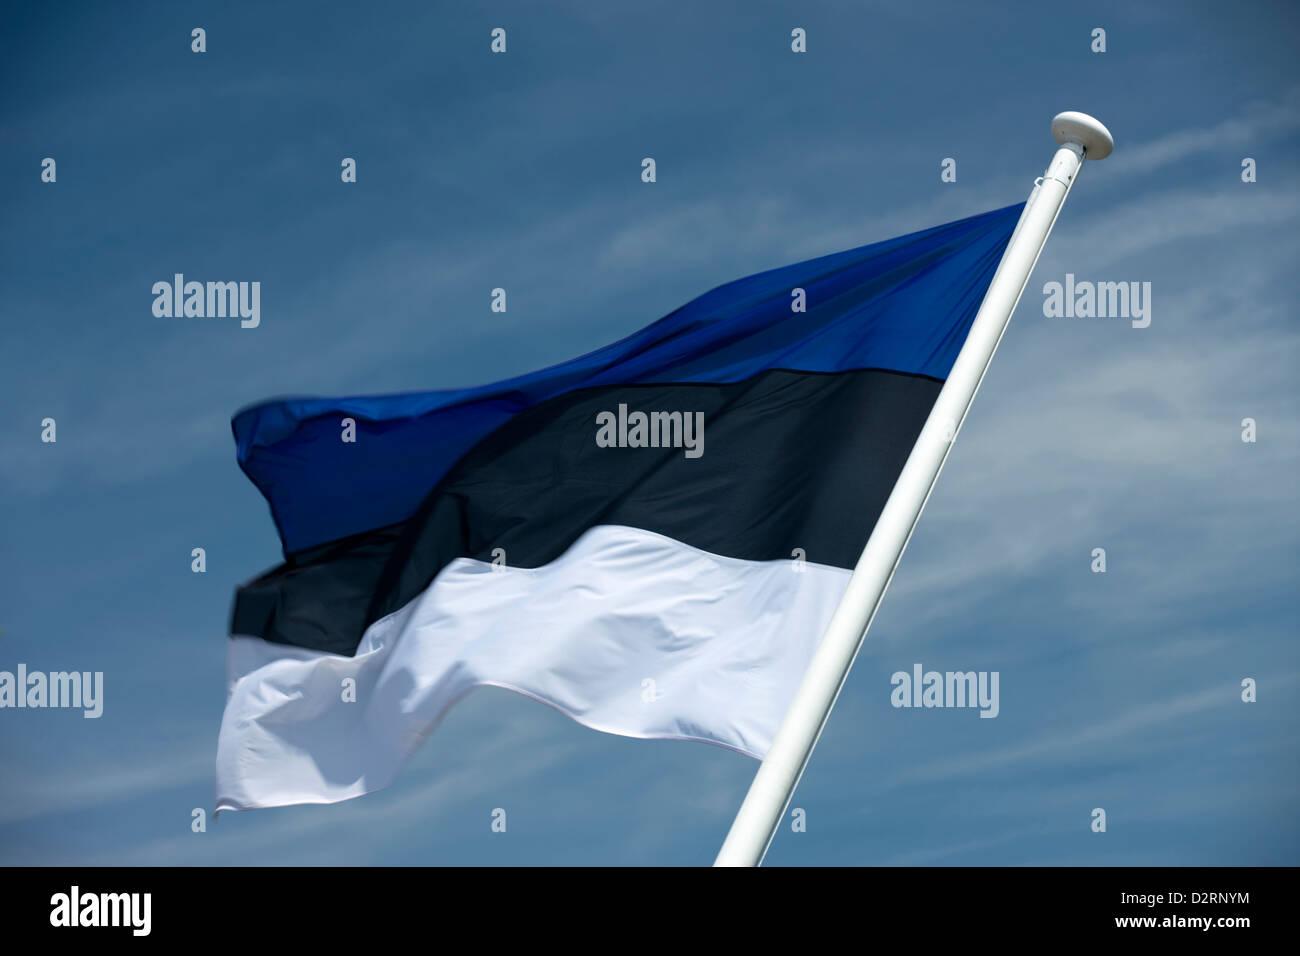 ESTONIAN FLAG FLYING ON FLAGPOLE - Stock Image